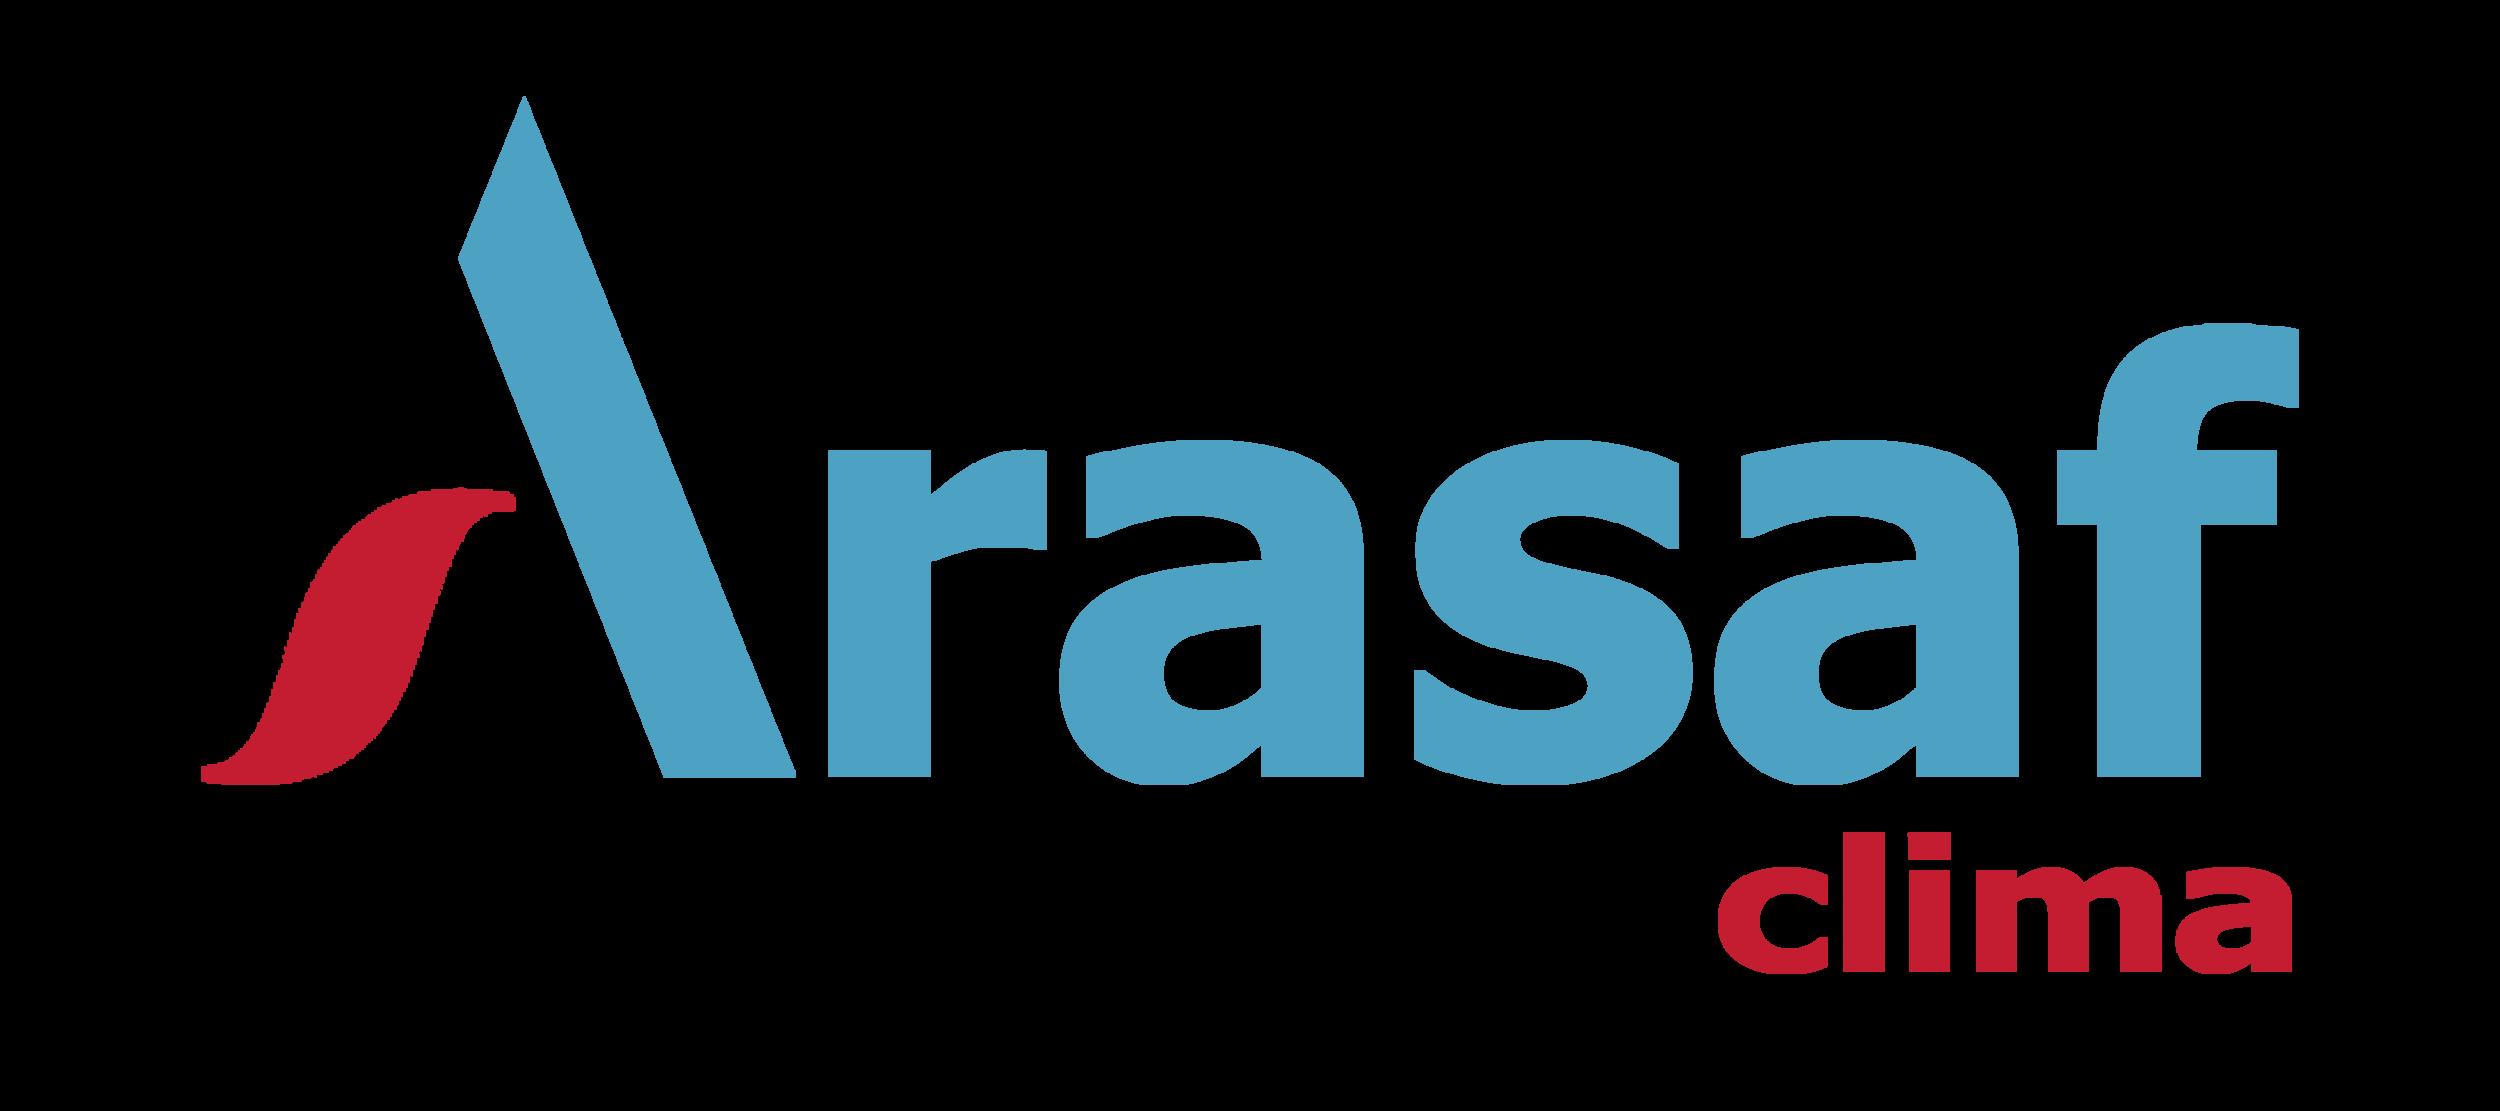 ARASAF_clima_original.png